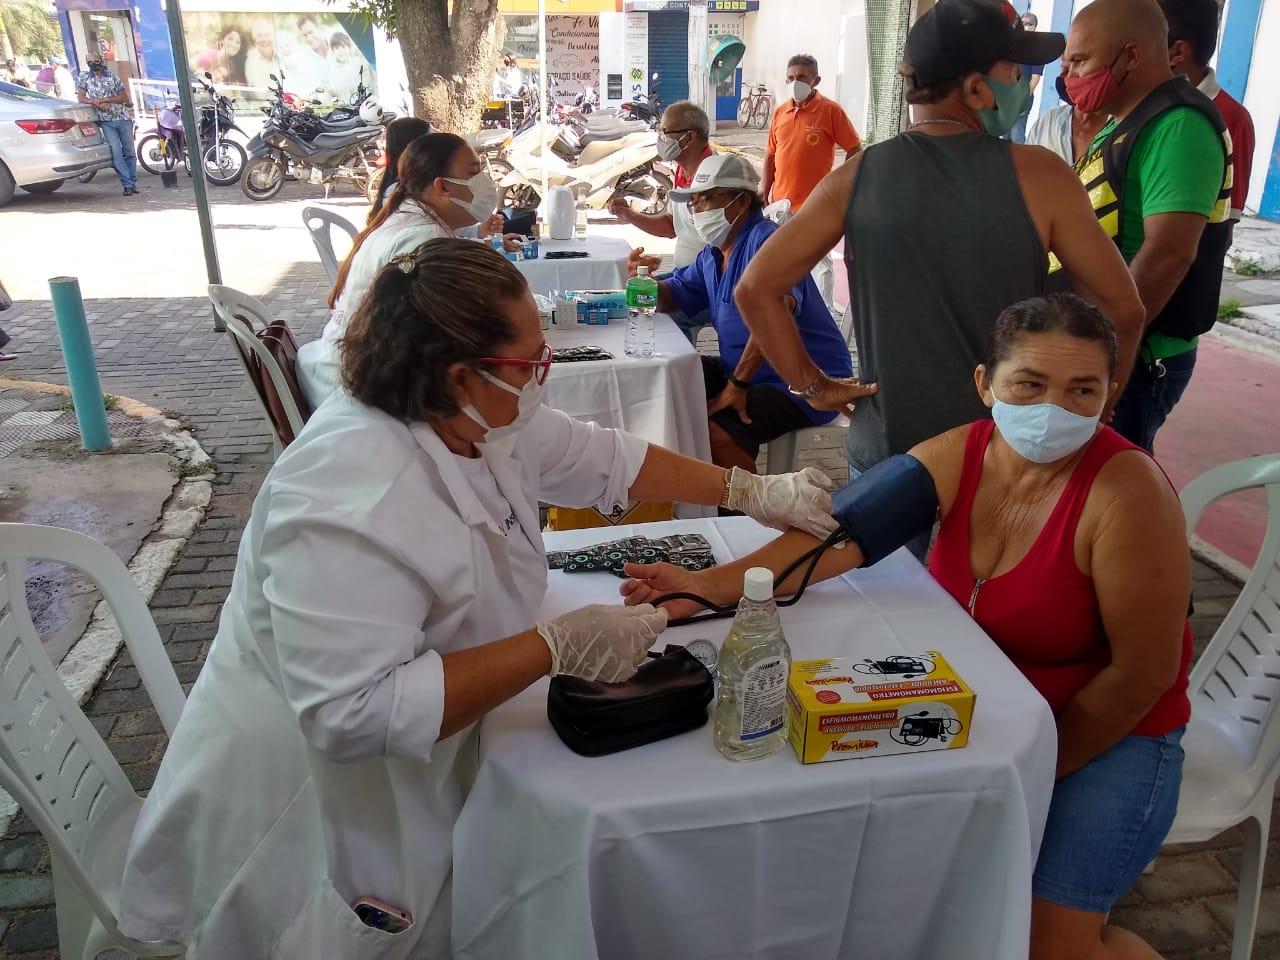 Serviços em saúde e cuidados com a beleza foram oferecidos em comemoração ao Dia do Trabalho